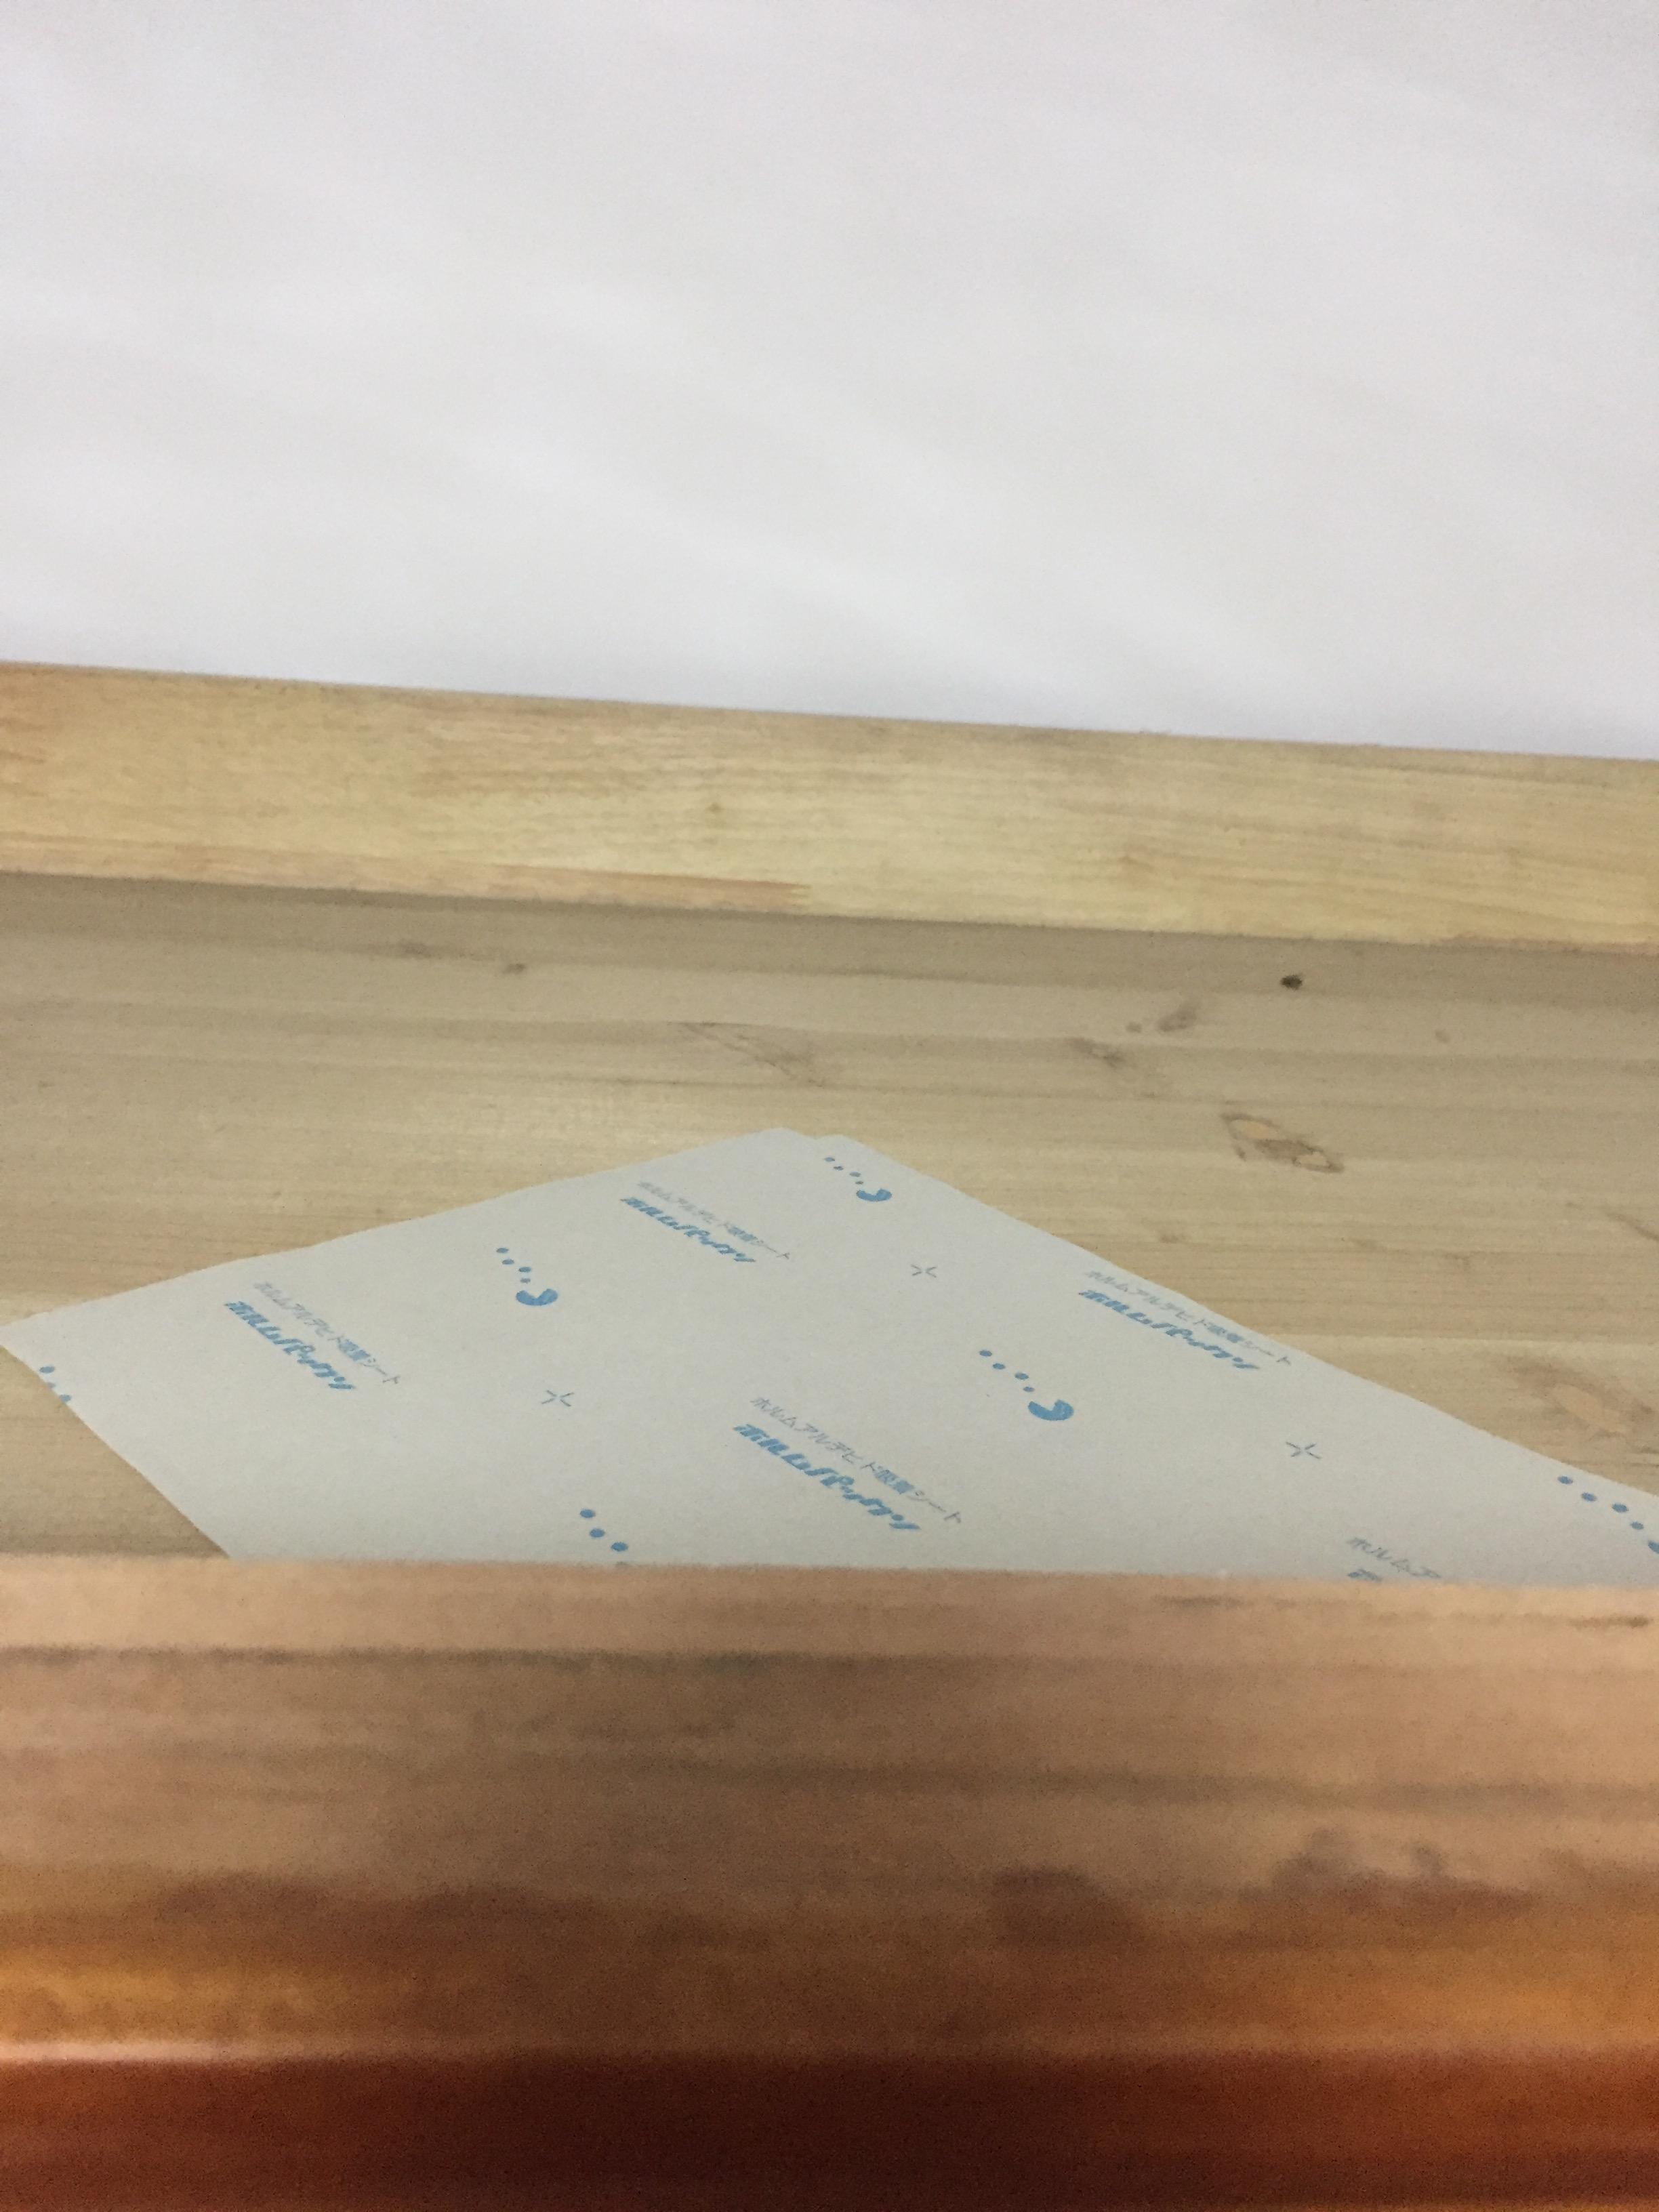 知道甲醛的危害性大,买了日本的甲醛吸附纸放在家具里